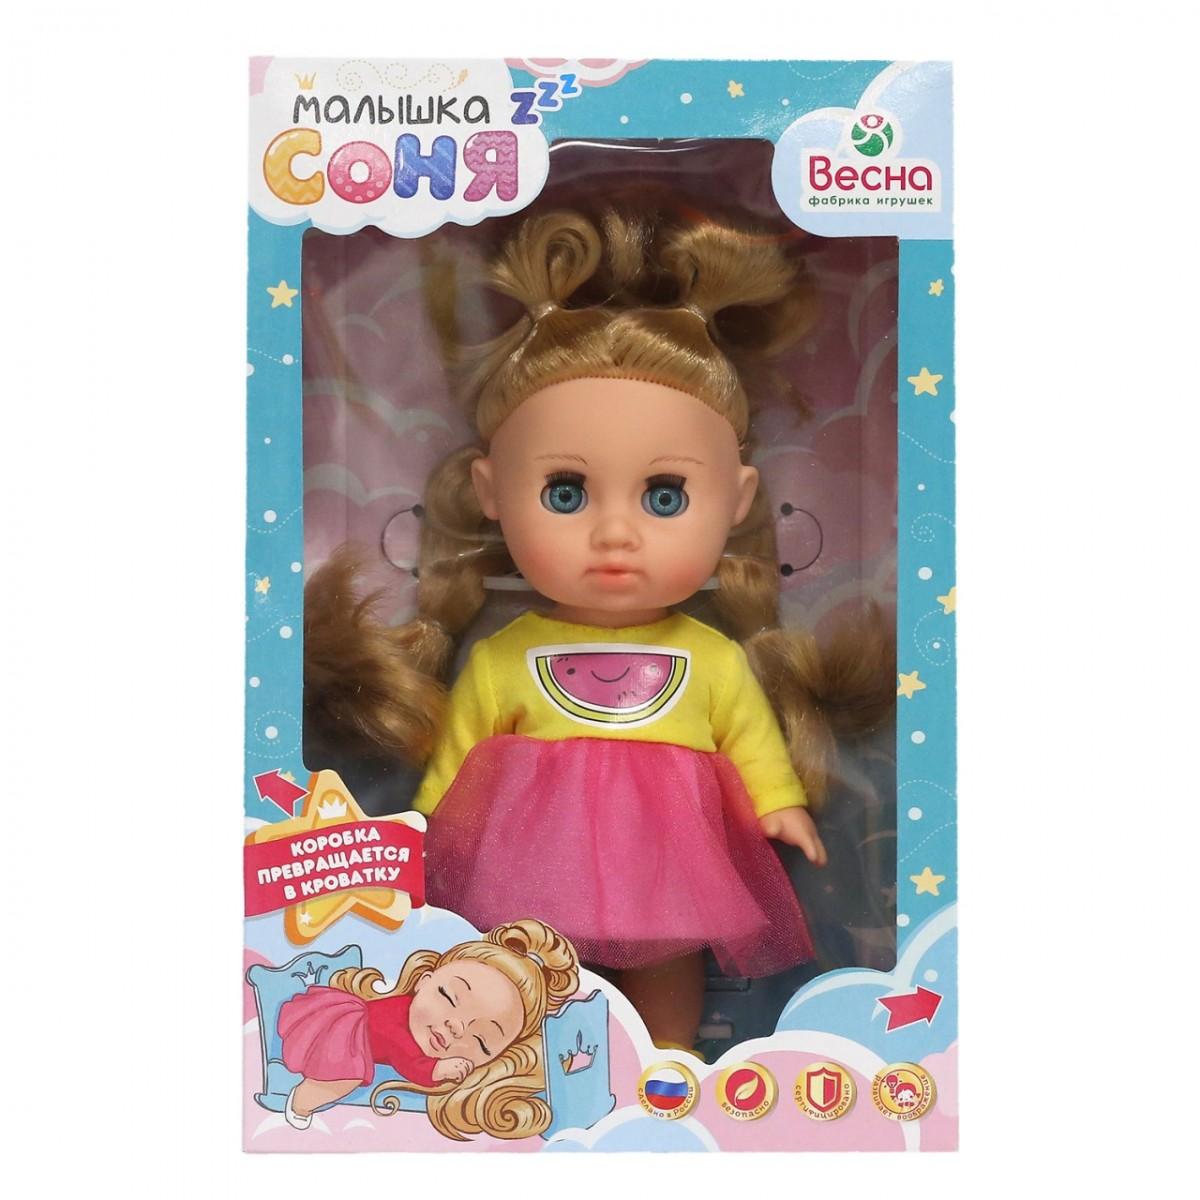 кукла соня весна название